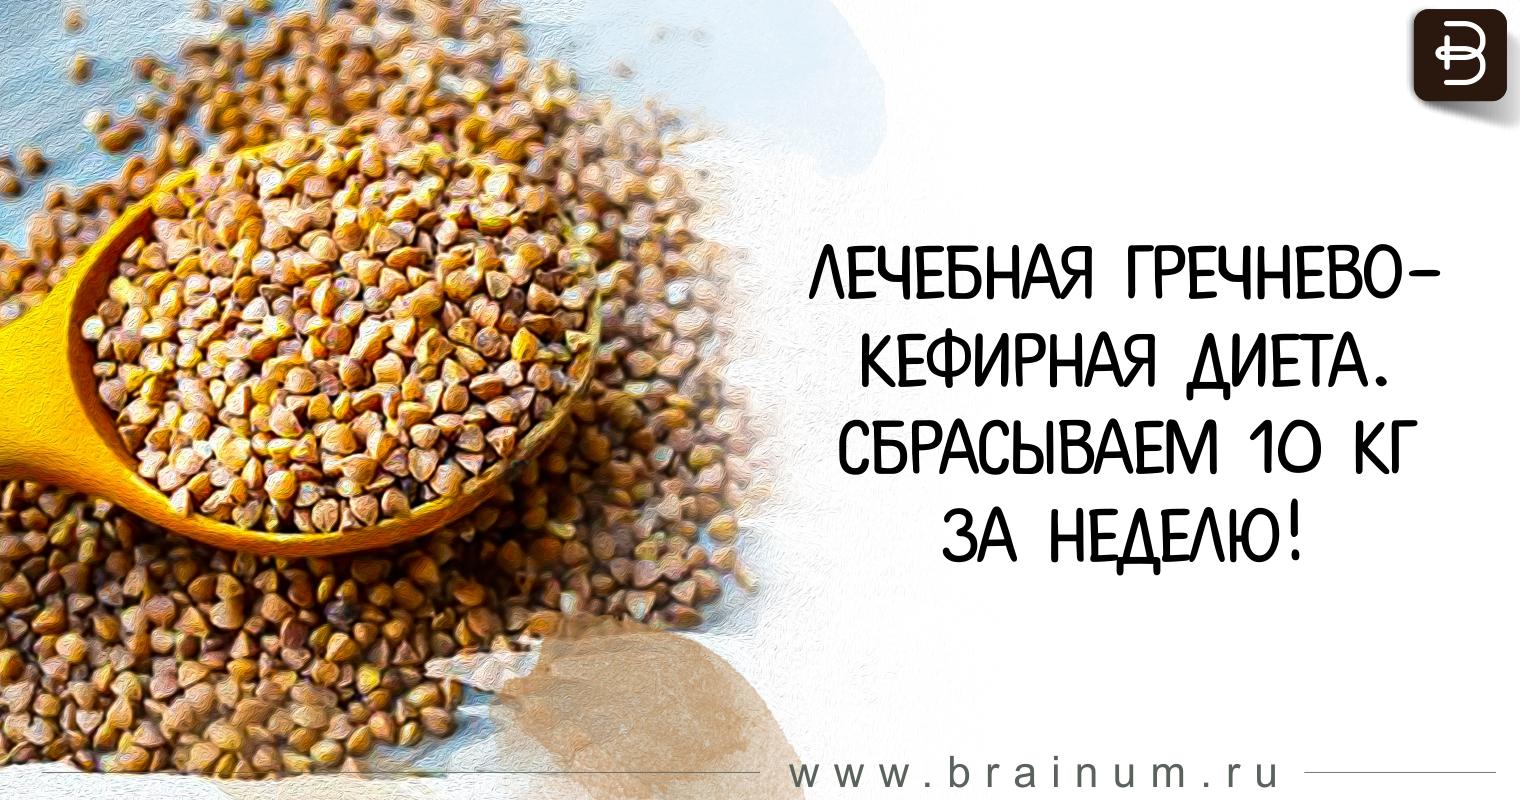 Гречневая Диета 10 День. Диета гречка и кефир — похудеть на 10 кг за 10 дней